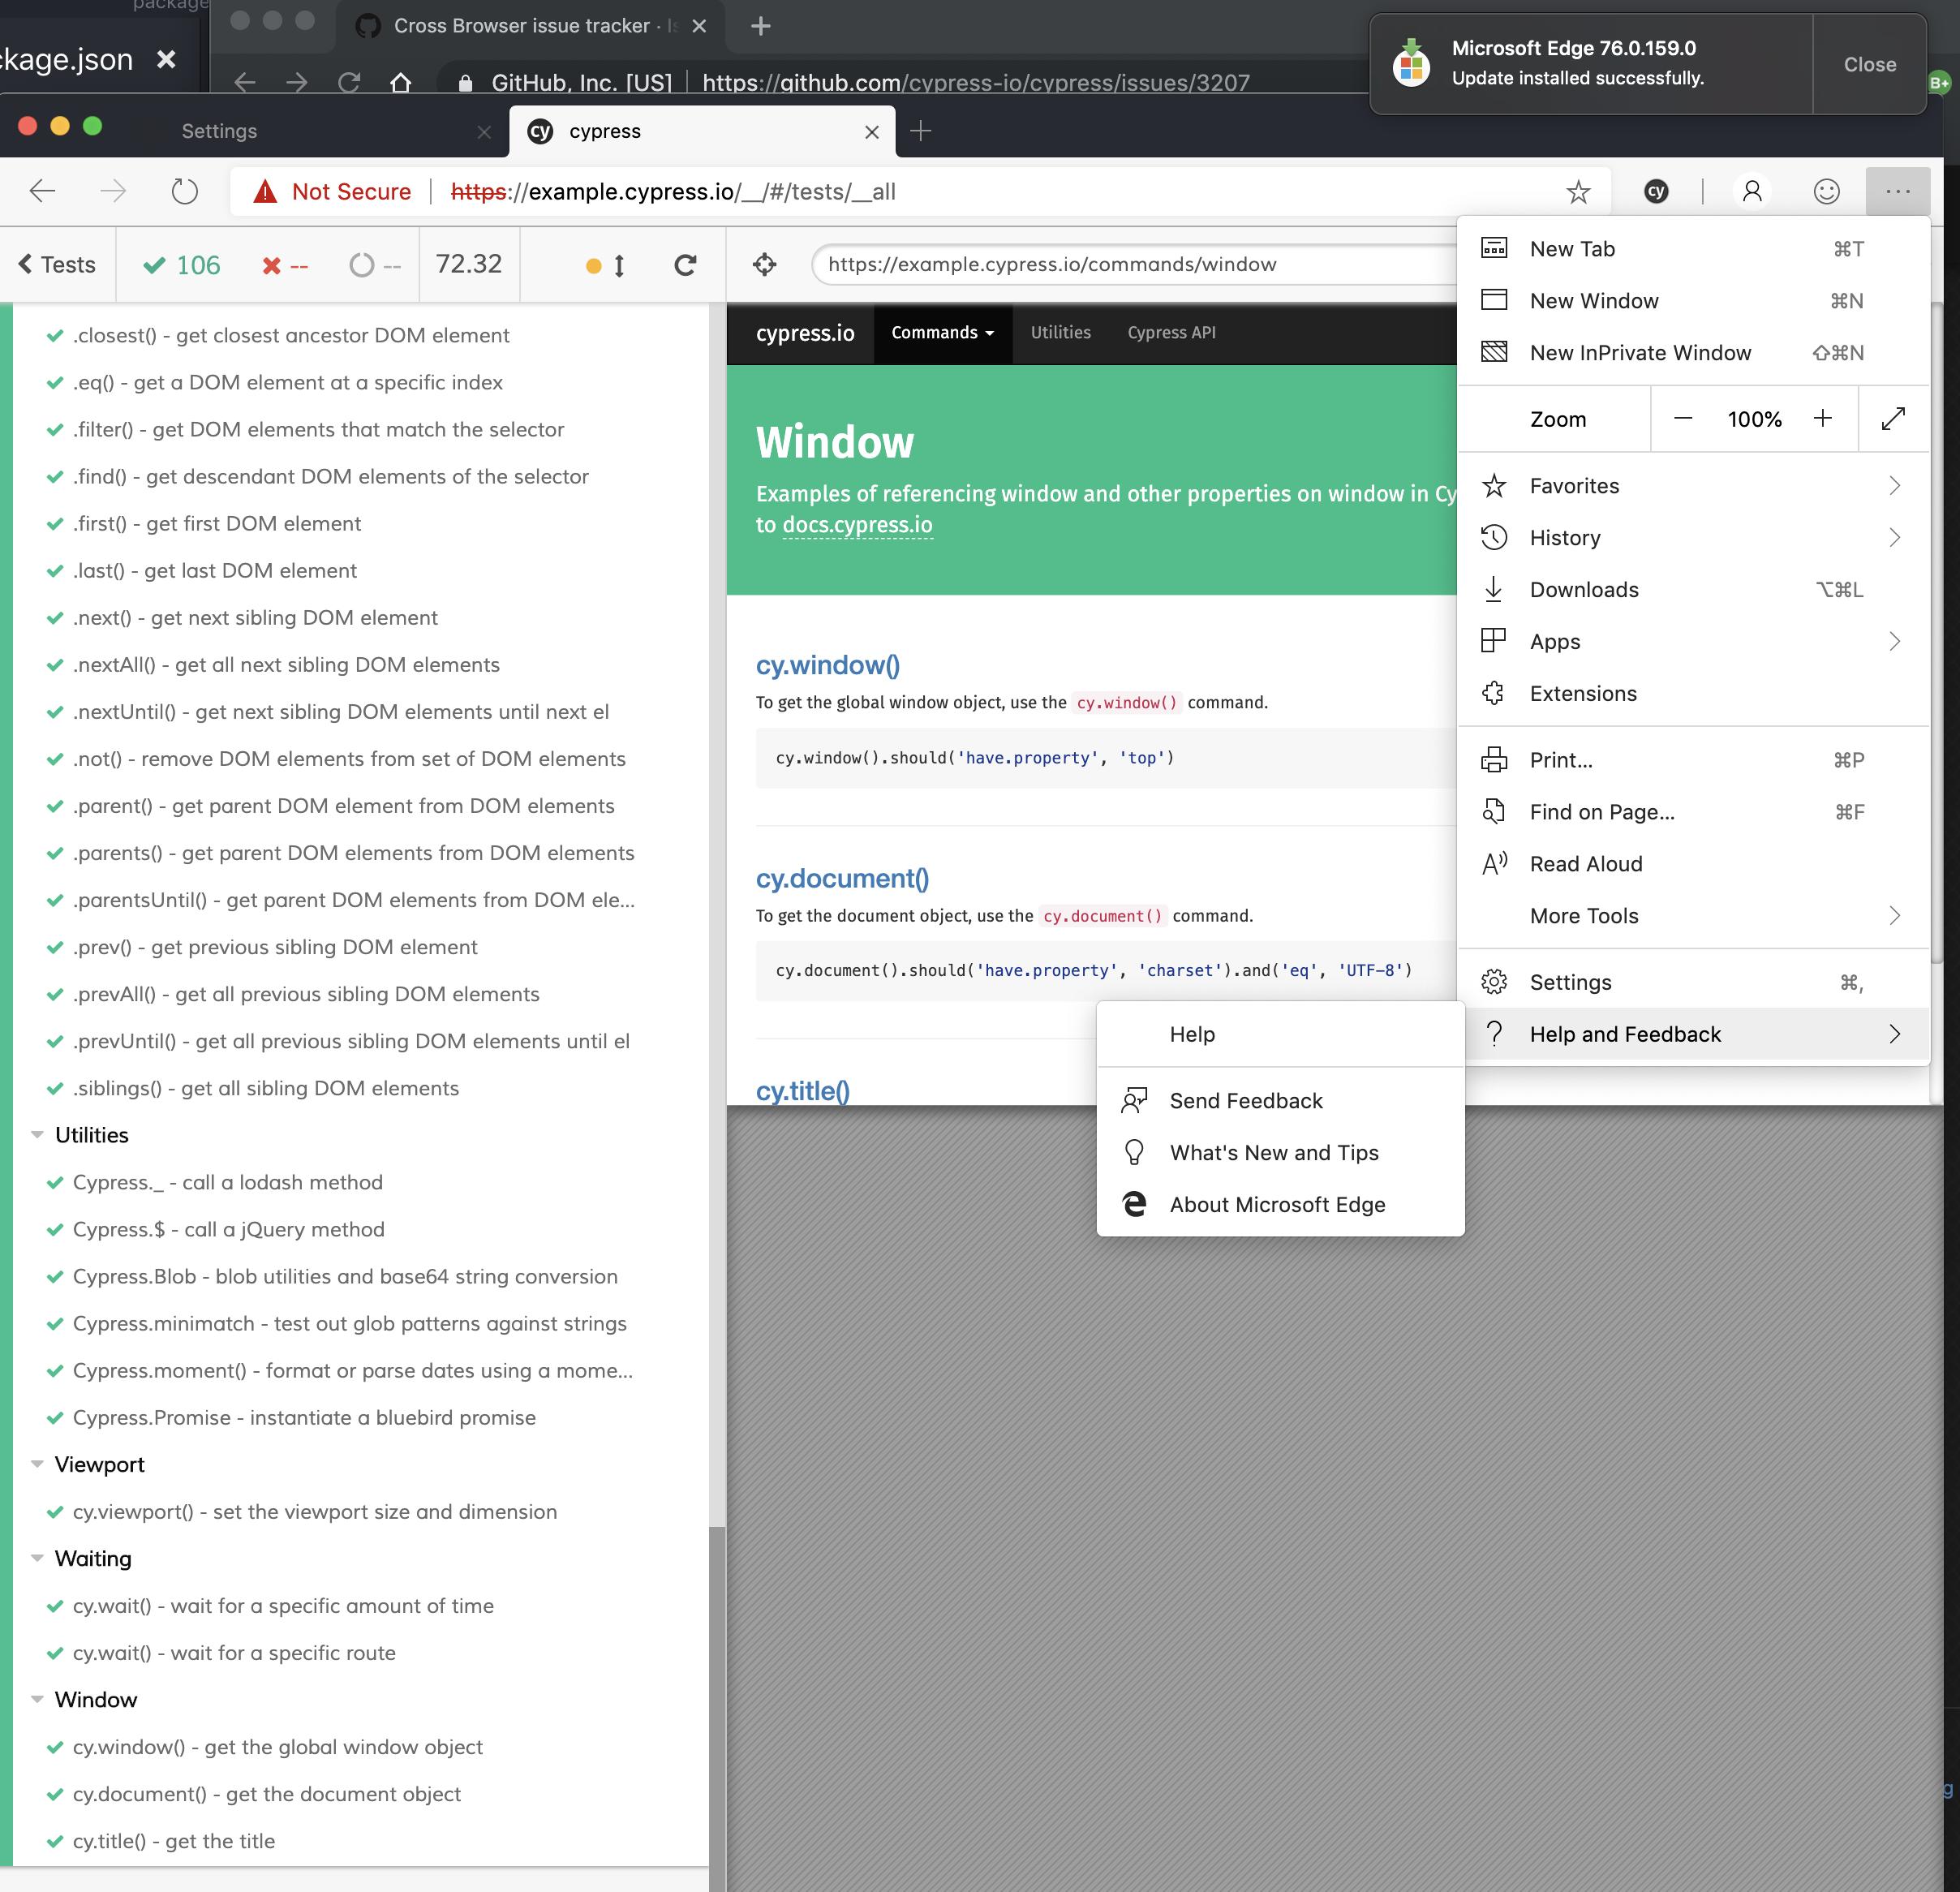 Screenshot 2019-05-14 at 23 11 03